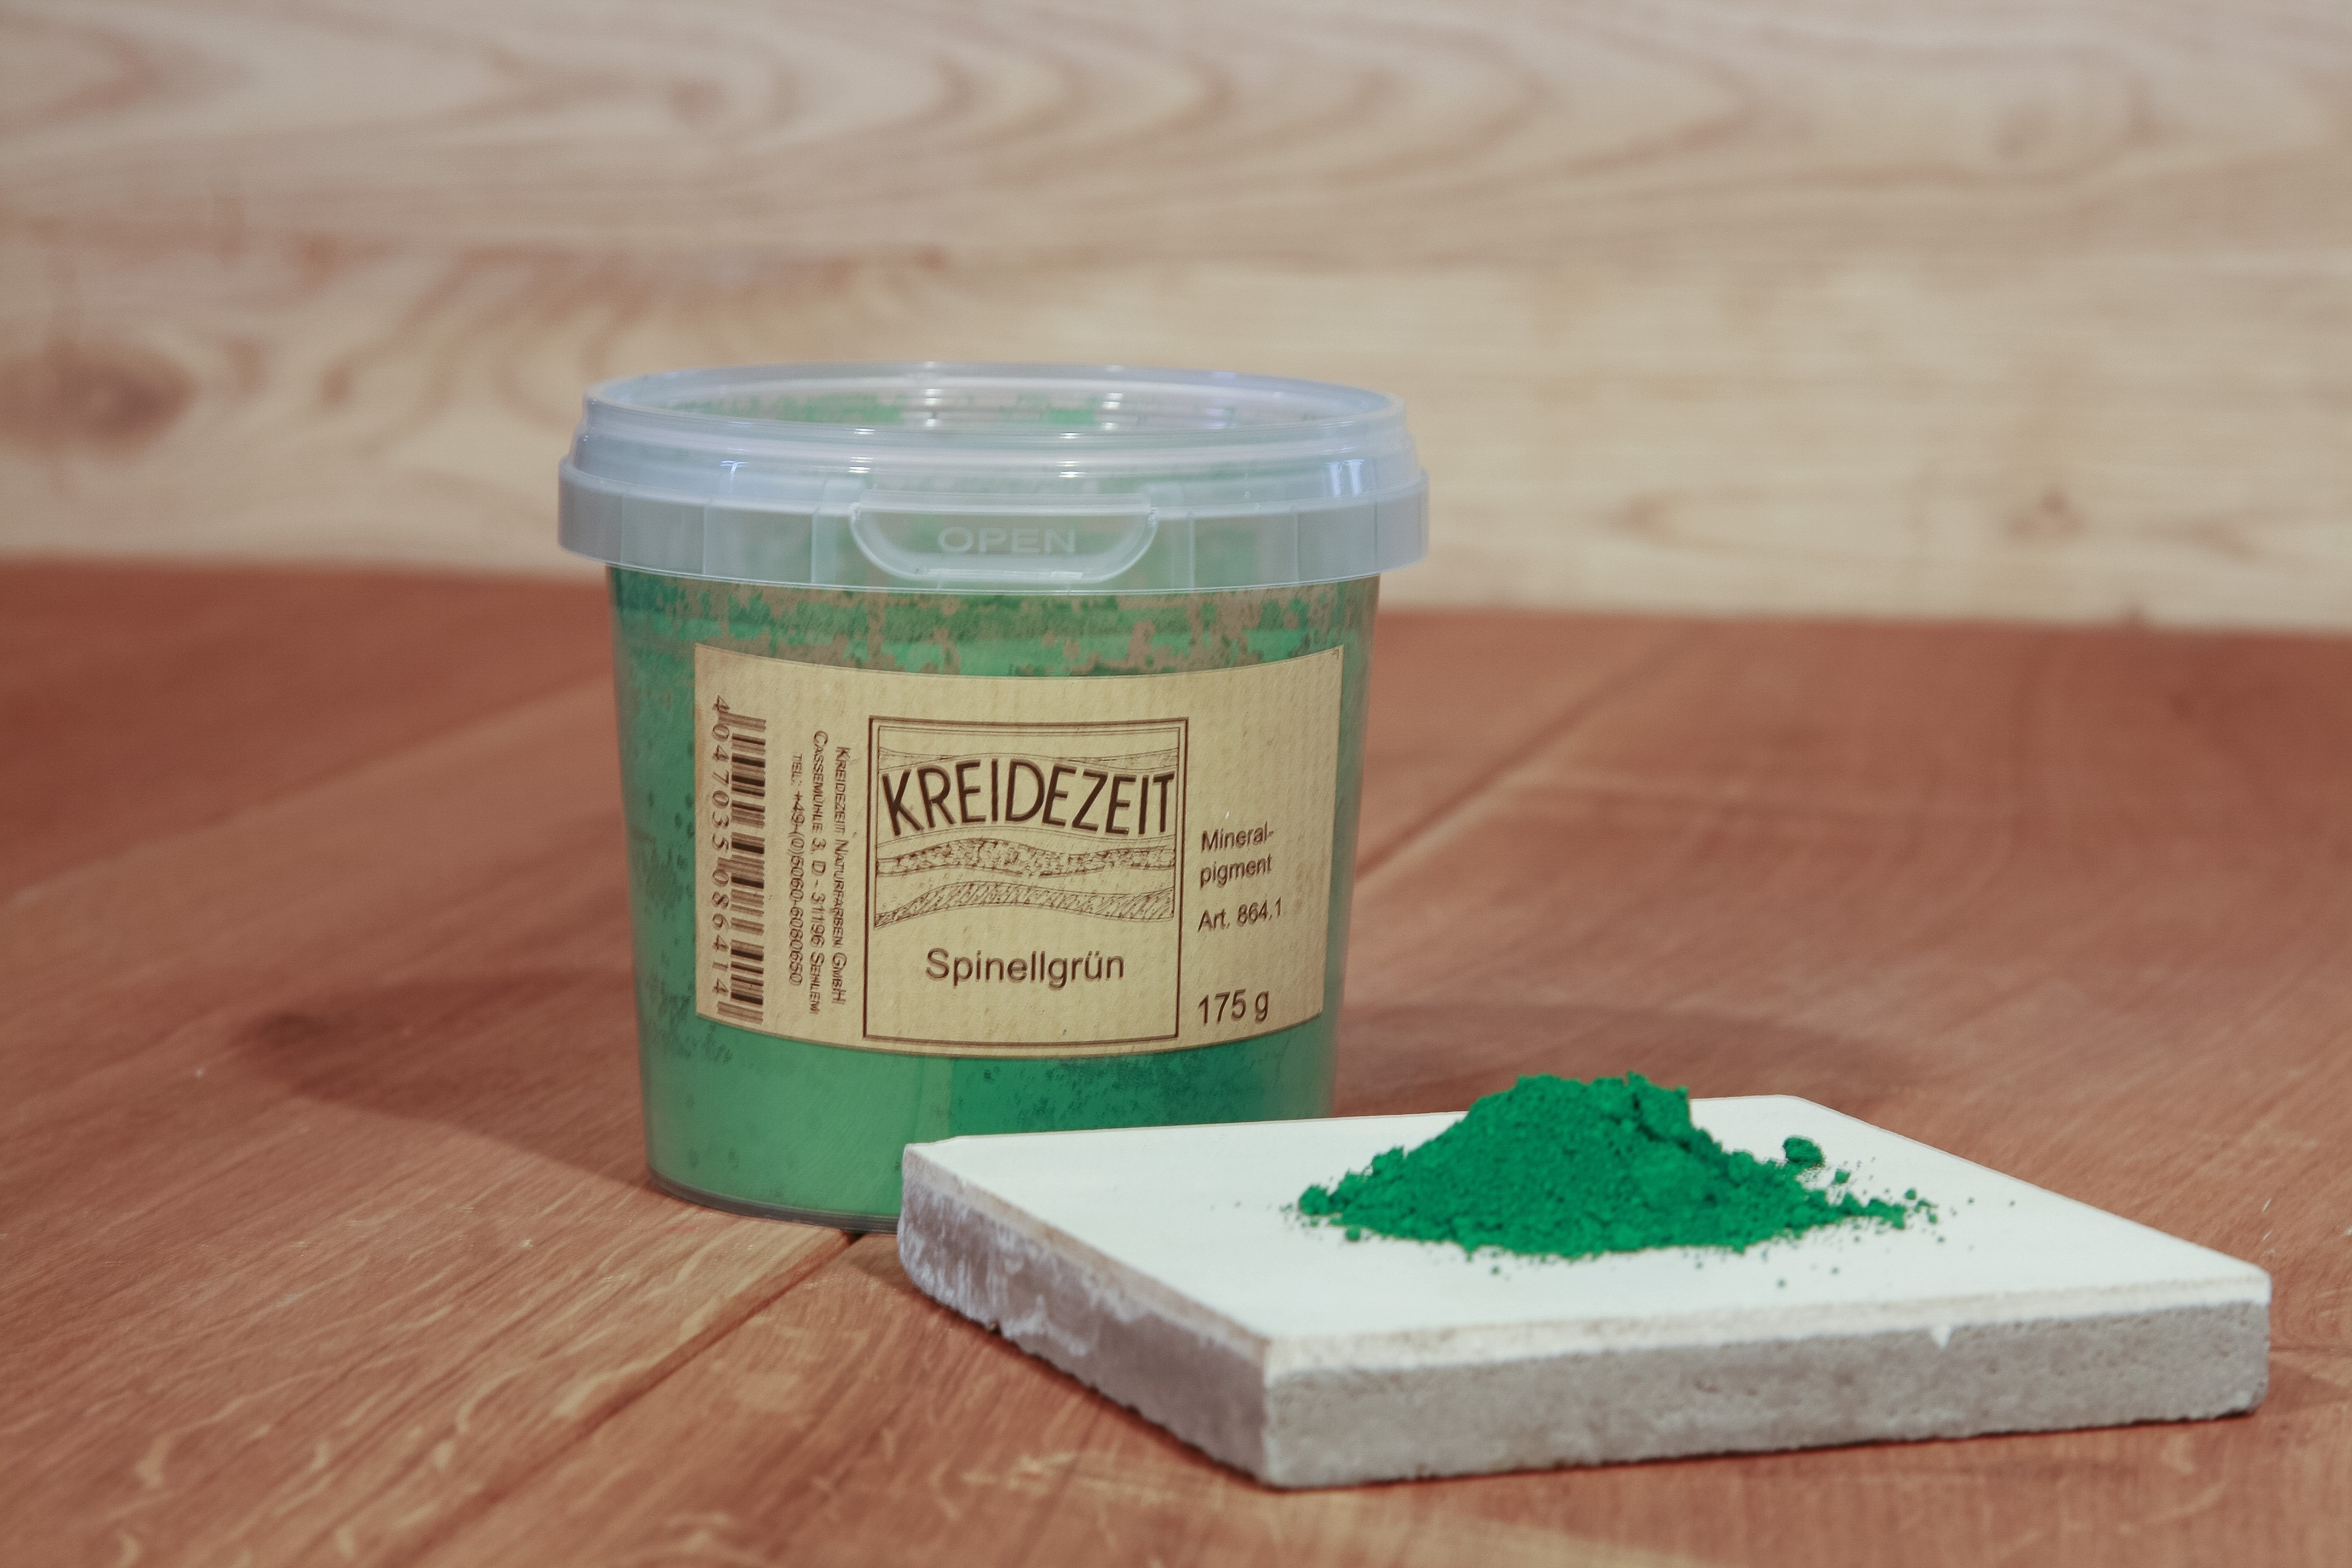 Kreidezeit Pigment Spinellgrün